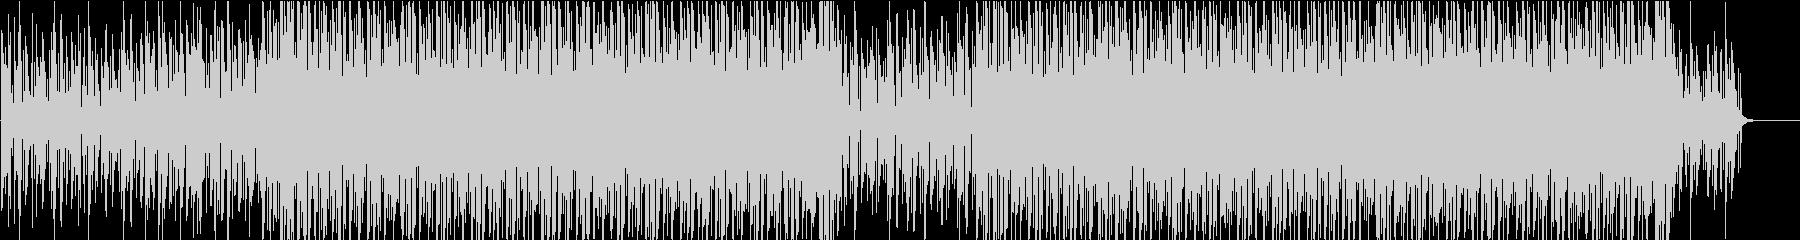 ファンキーなアコギリフによるCM曲の未再生の波形